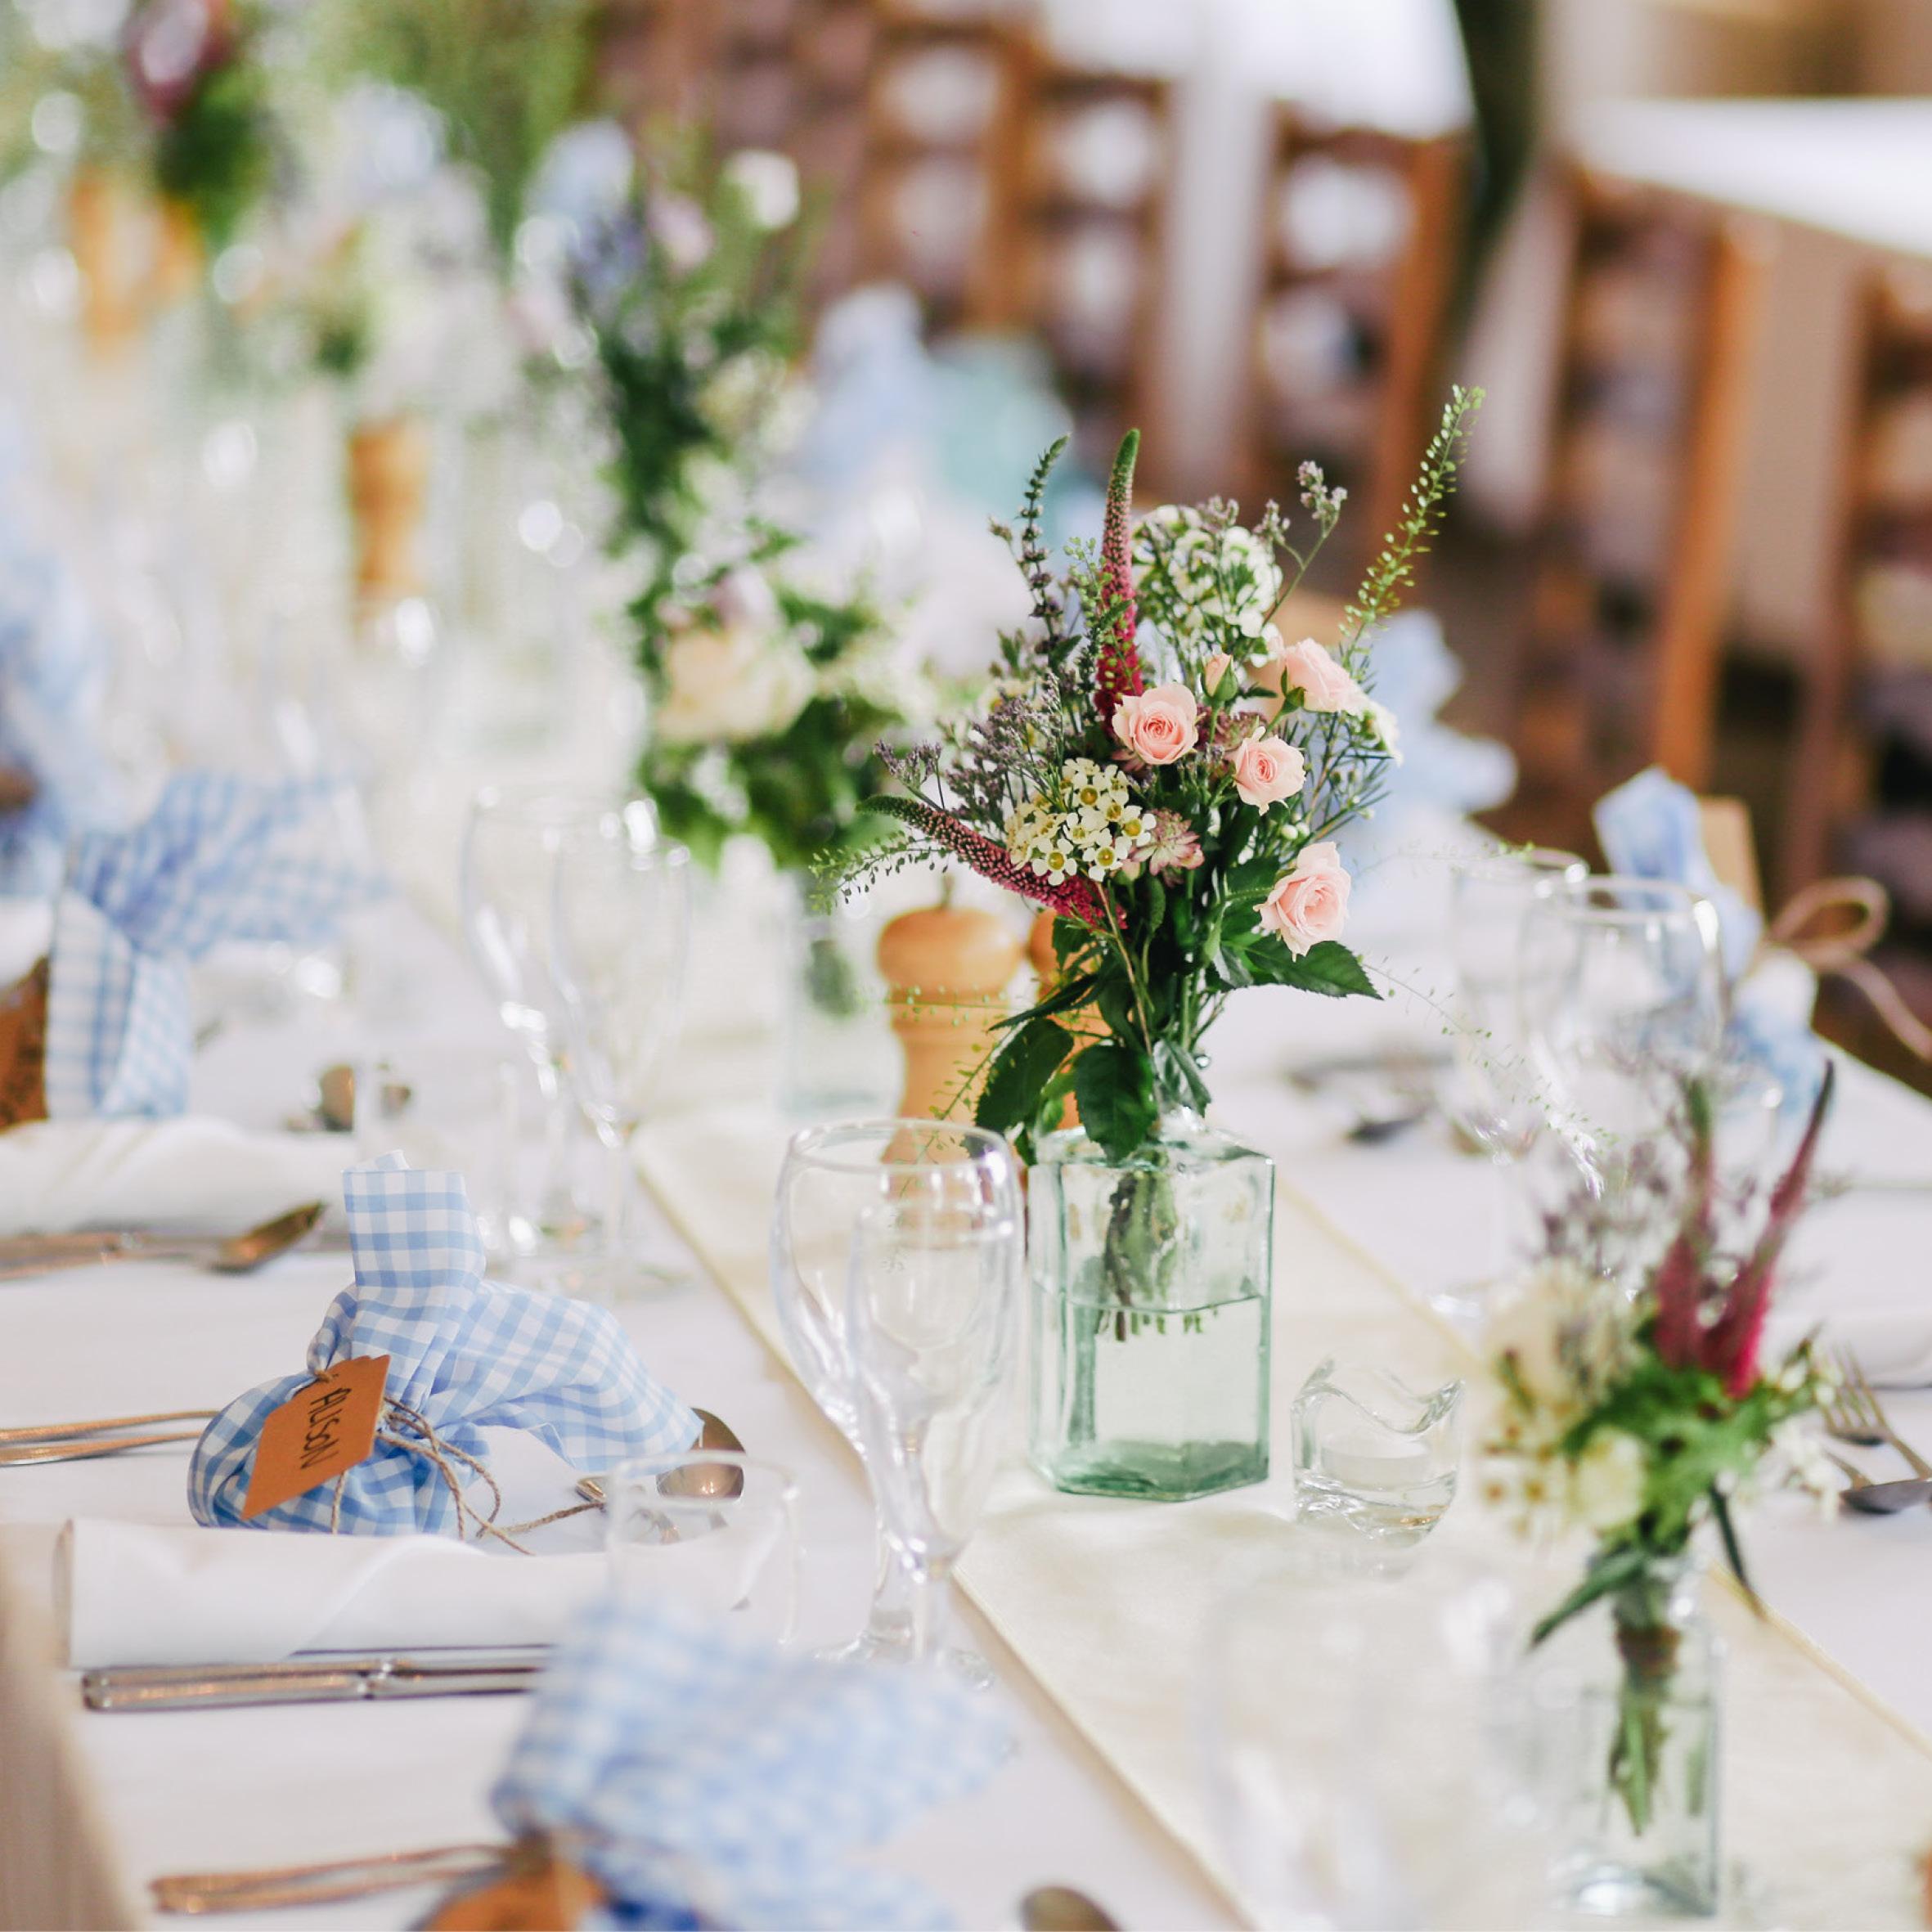 Materiaalverhuur - Saillart zorgt ook graag voor de aankleding van uw feest. U kan bij on terecht voor alle gebruikelijke materialen zoals porselein, glazen, tafels, stoelen, tafellinnen, togen, bbq's, unieke decoratie, …